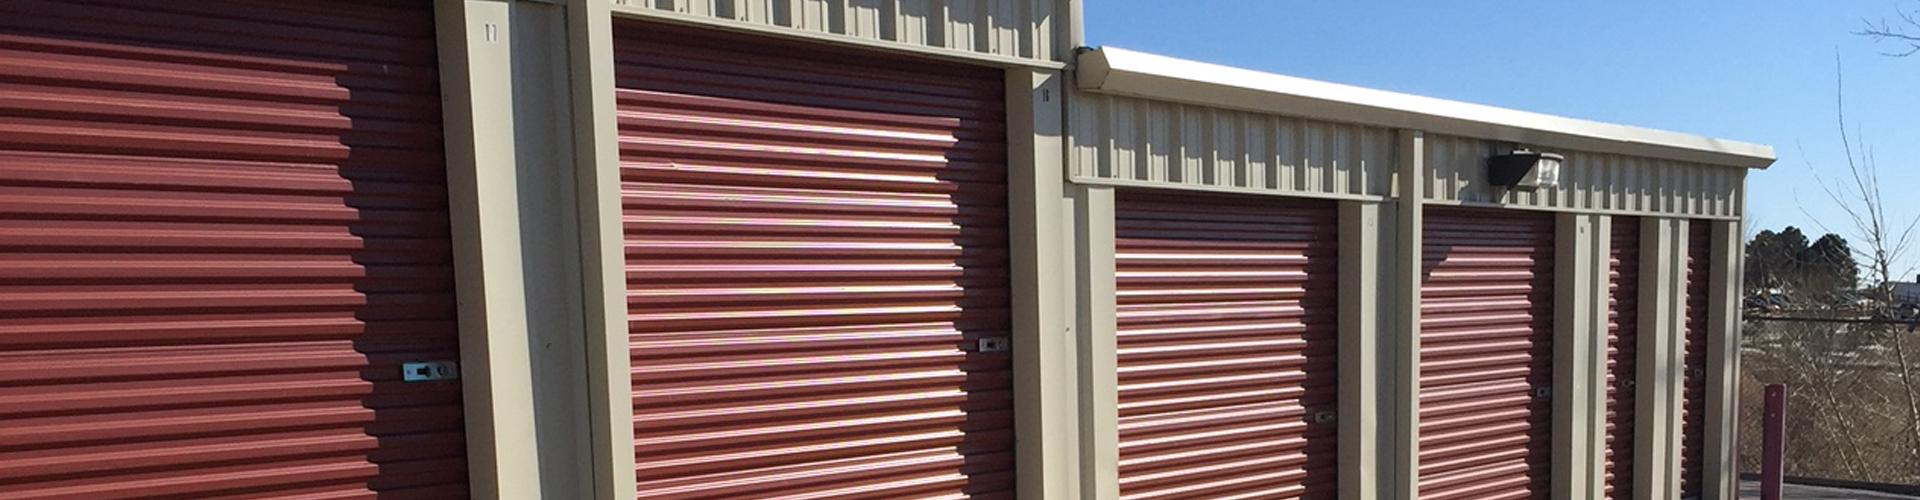 Colorado Springs CO Storage Units